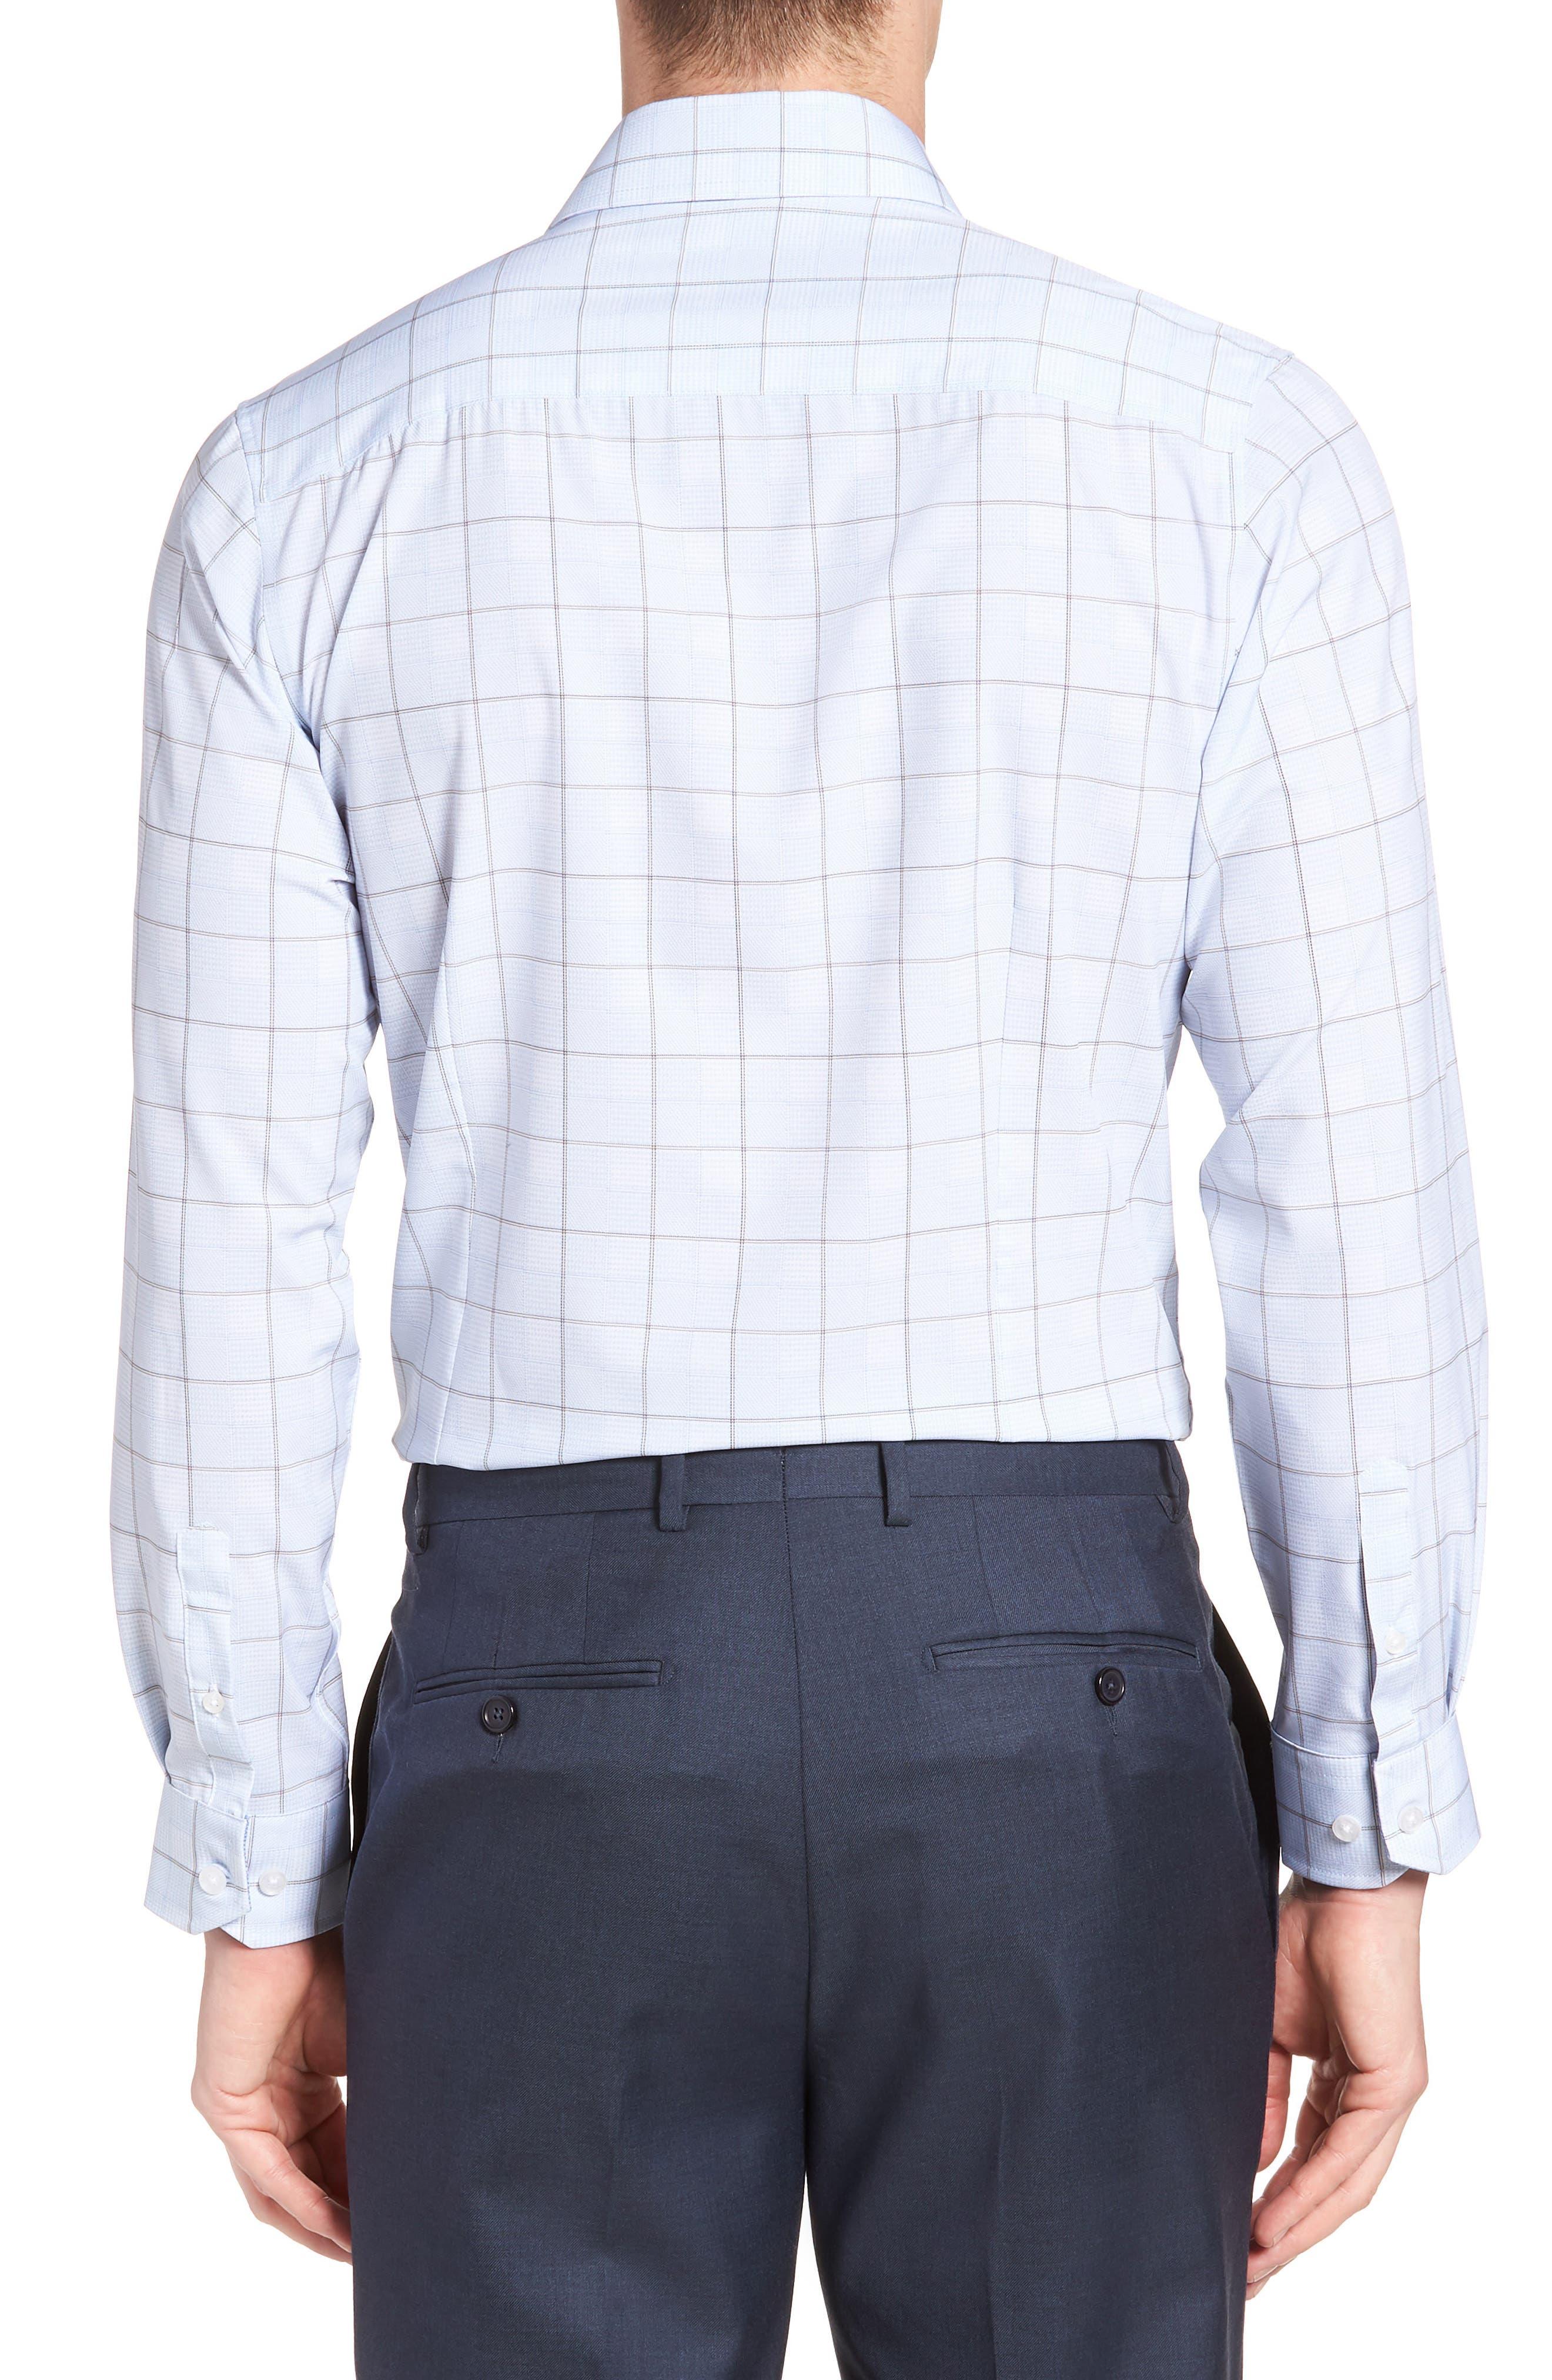 Trim Fit Plaid 4-Way Stretch Dress Shirt,                             Alternate thumbnail 3, color,                             BLUE